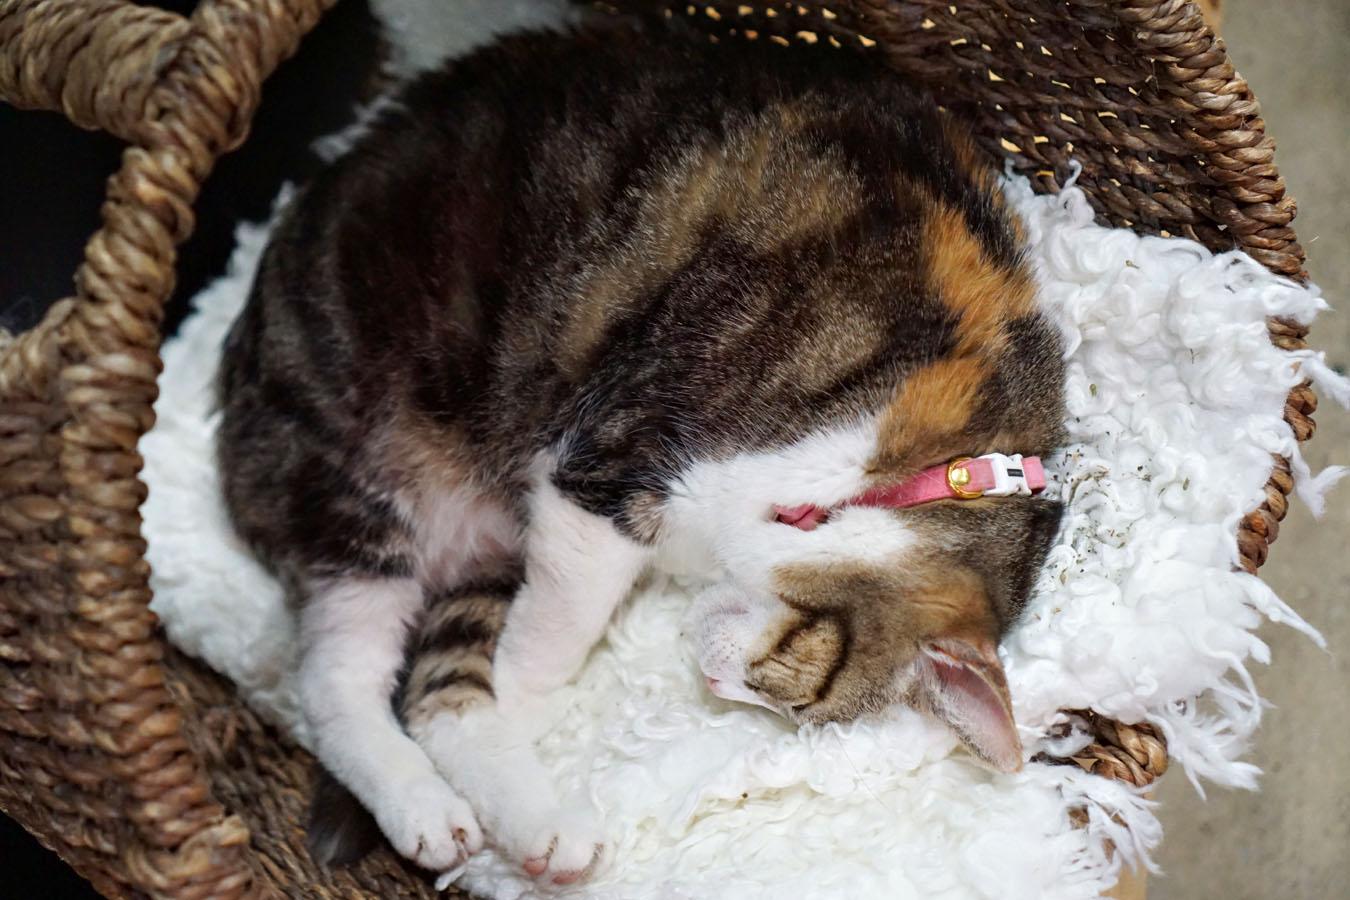 Cat curled up